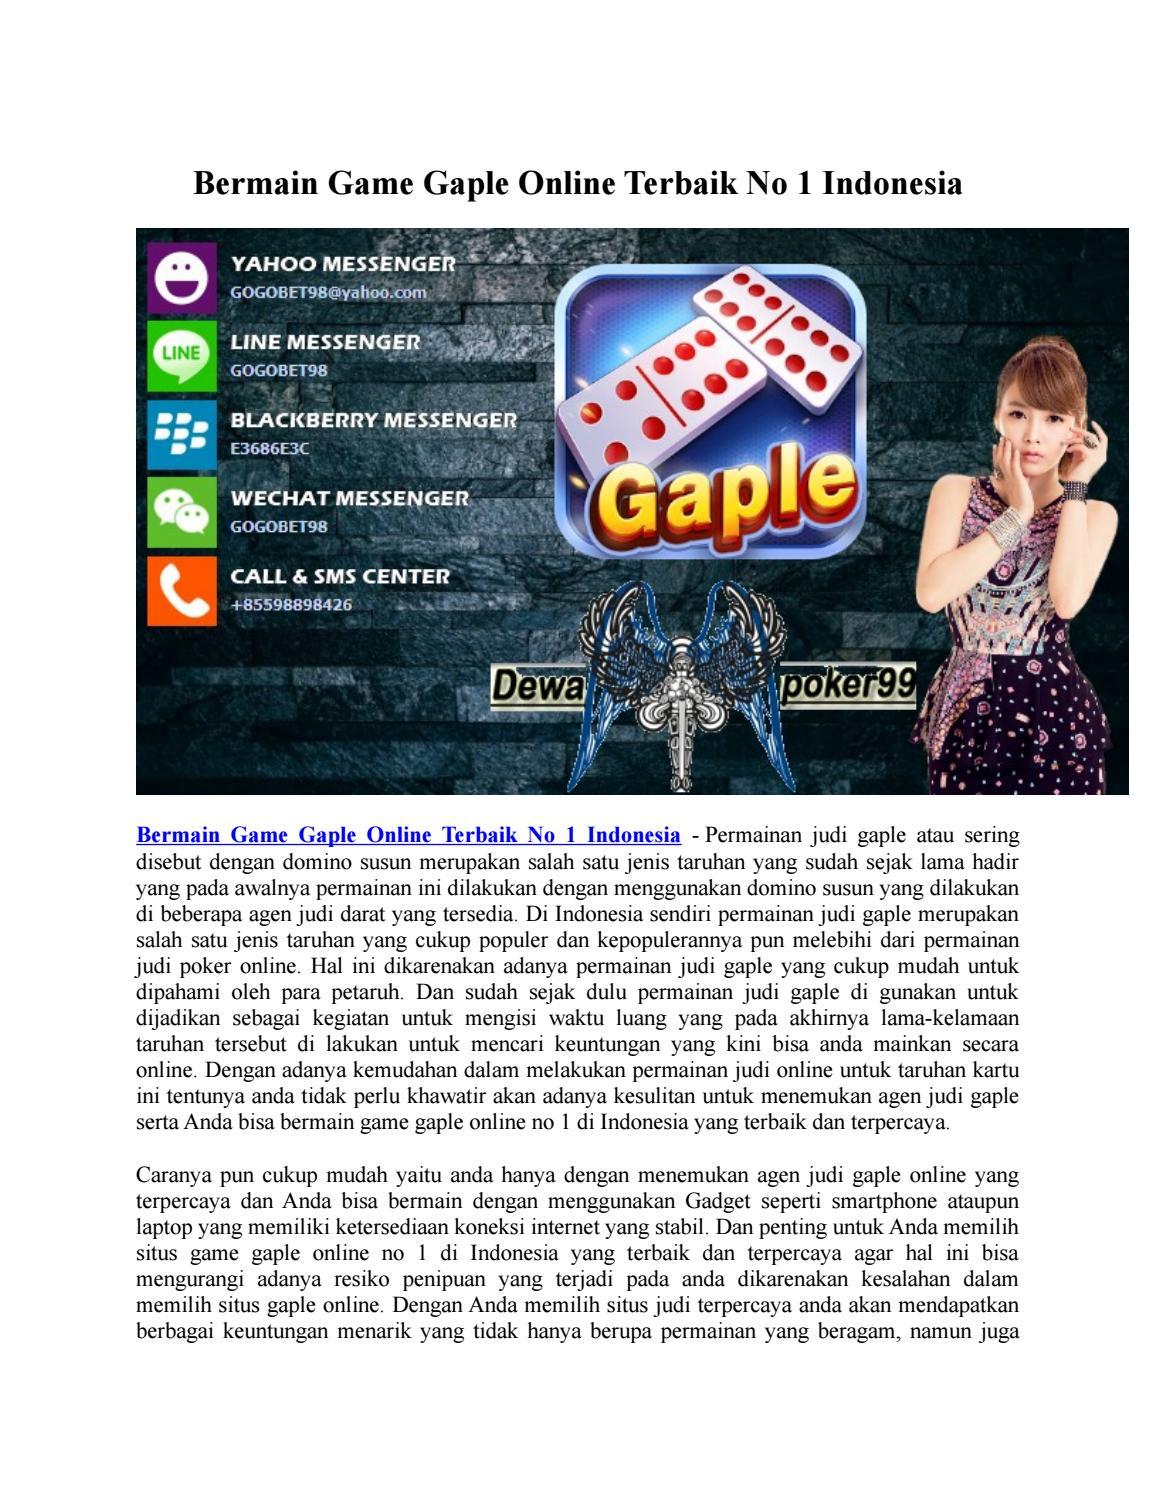 Image Result for  Judi Online Gaple  %>